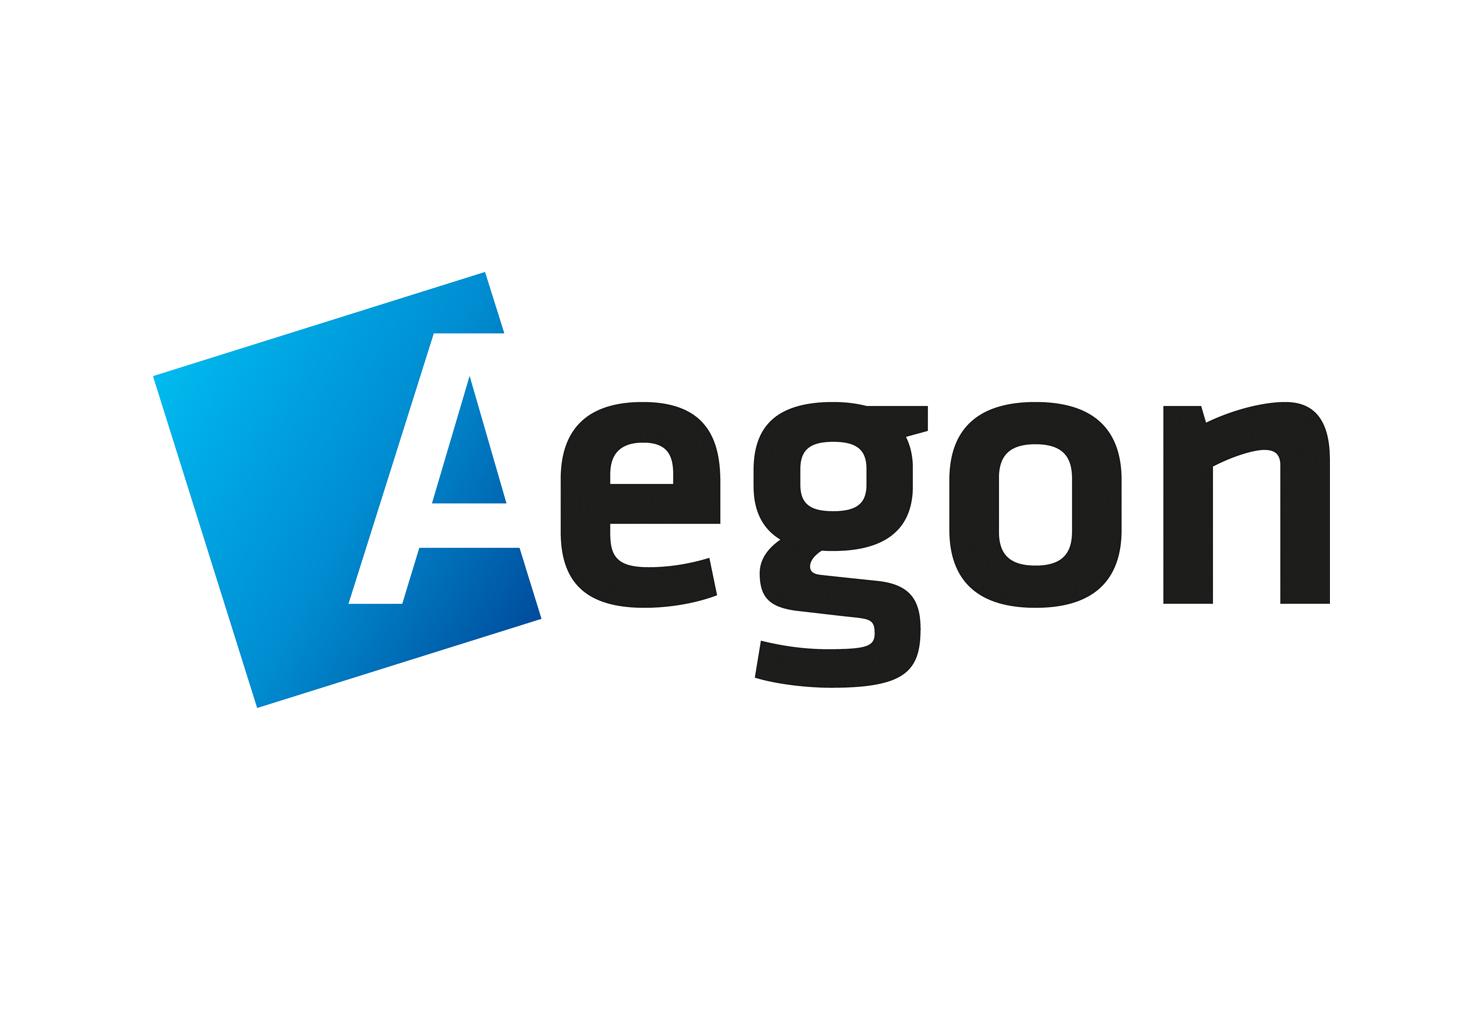 Logo_Aegon.jpg